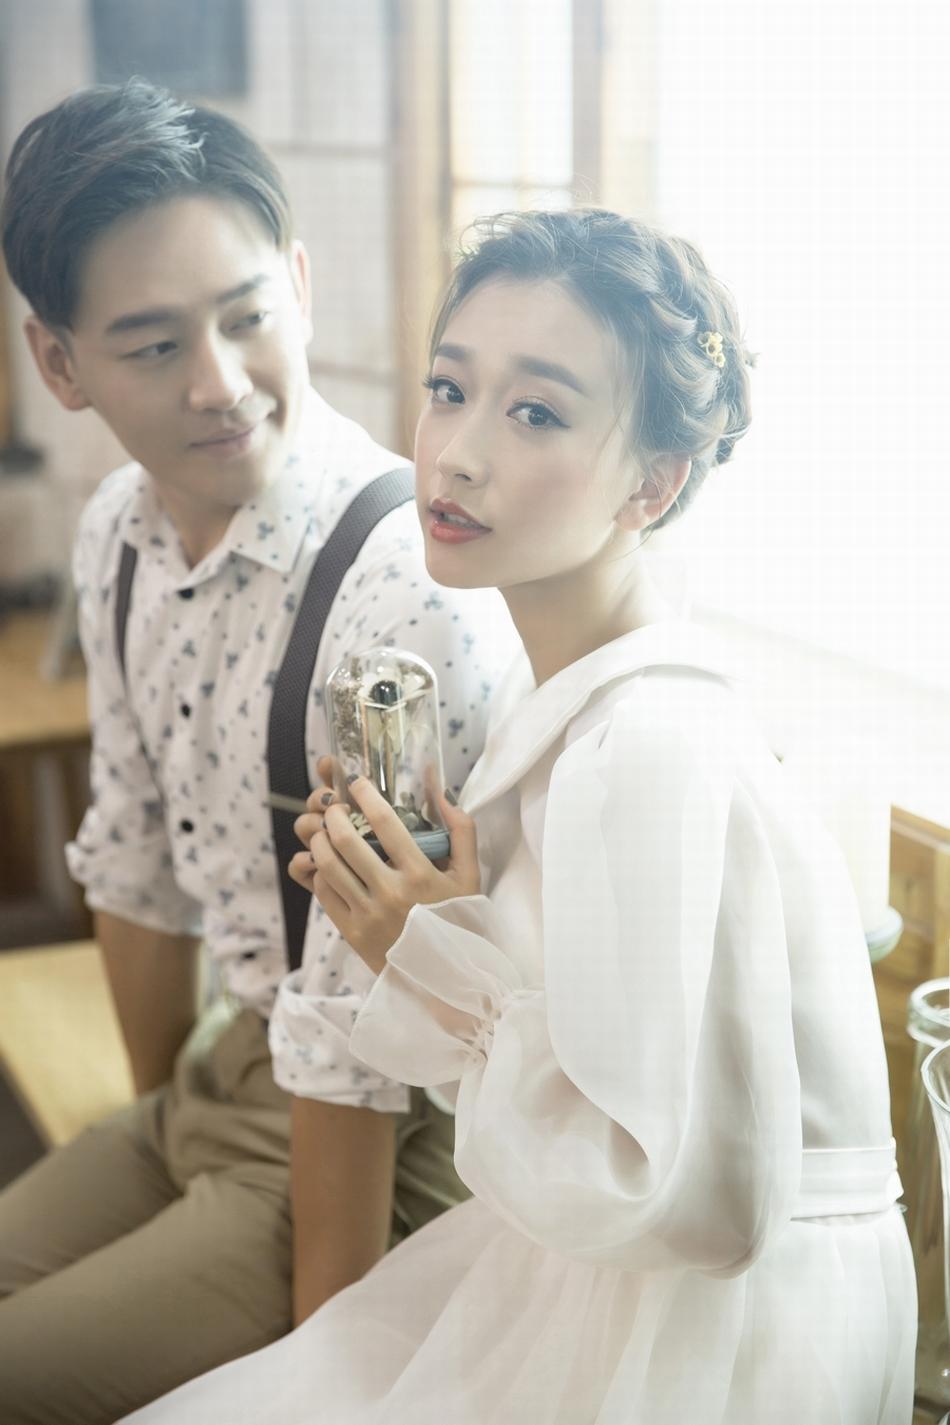 东莞好莱坞婚纱摄影,东莞婚纱照,东莞韩式婚纱照